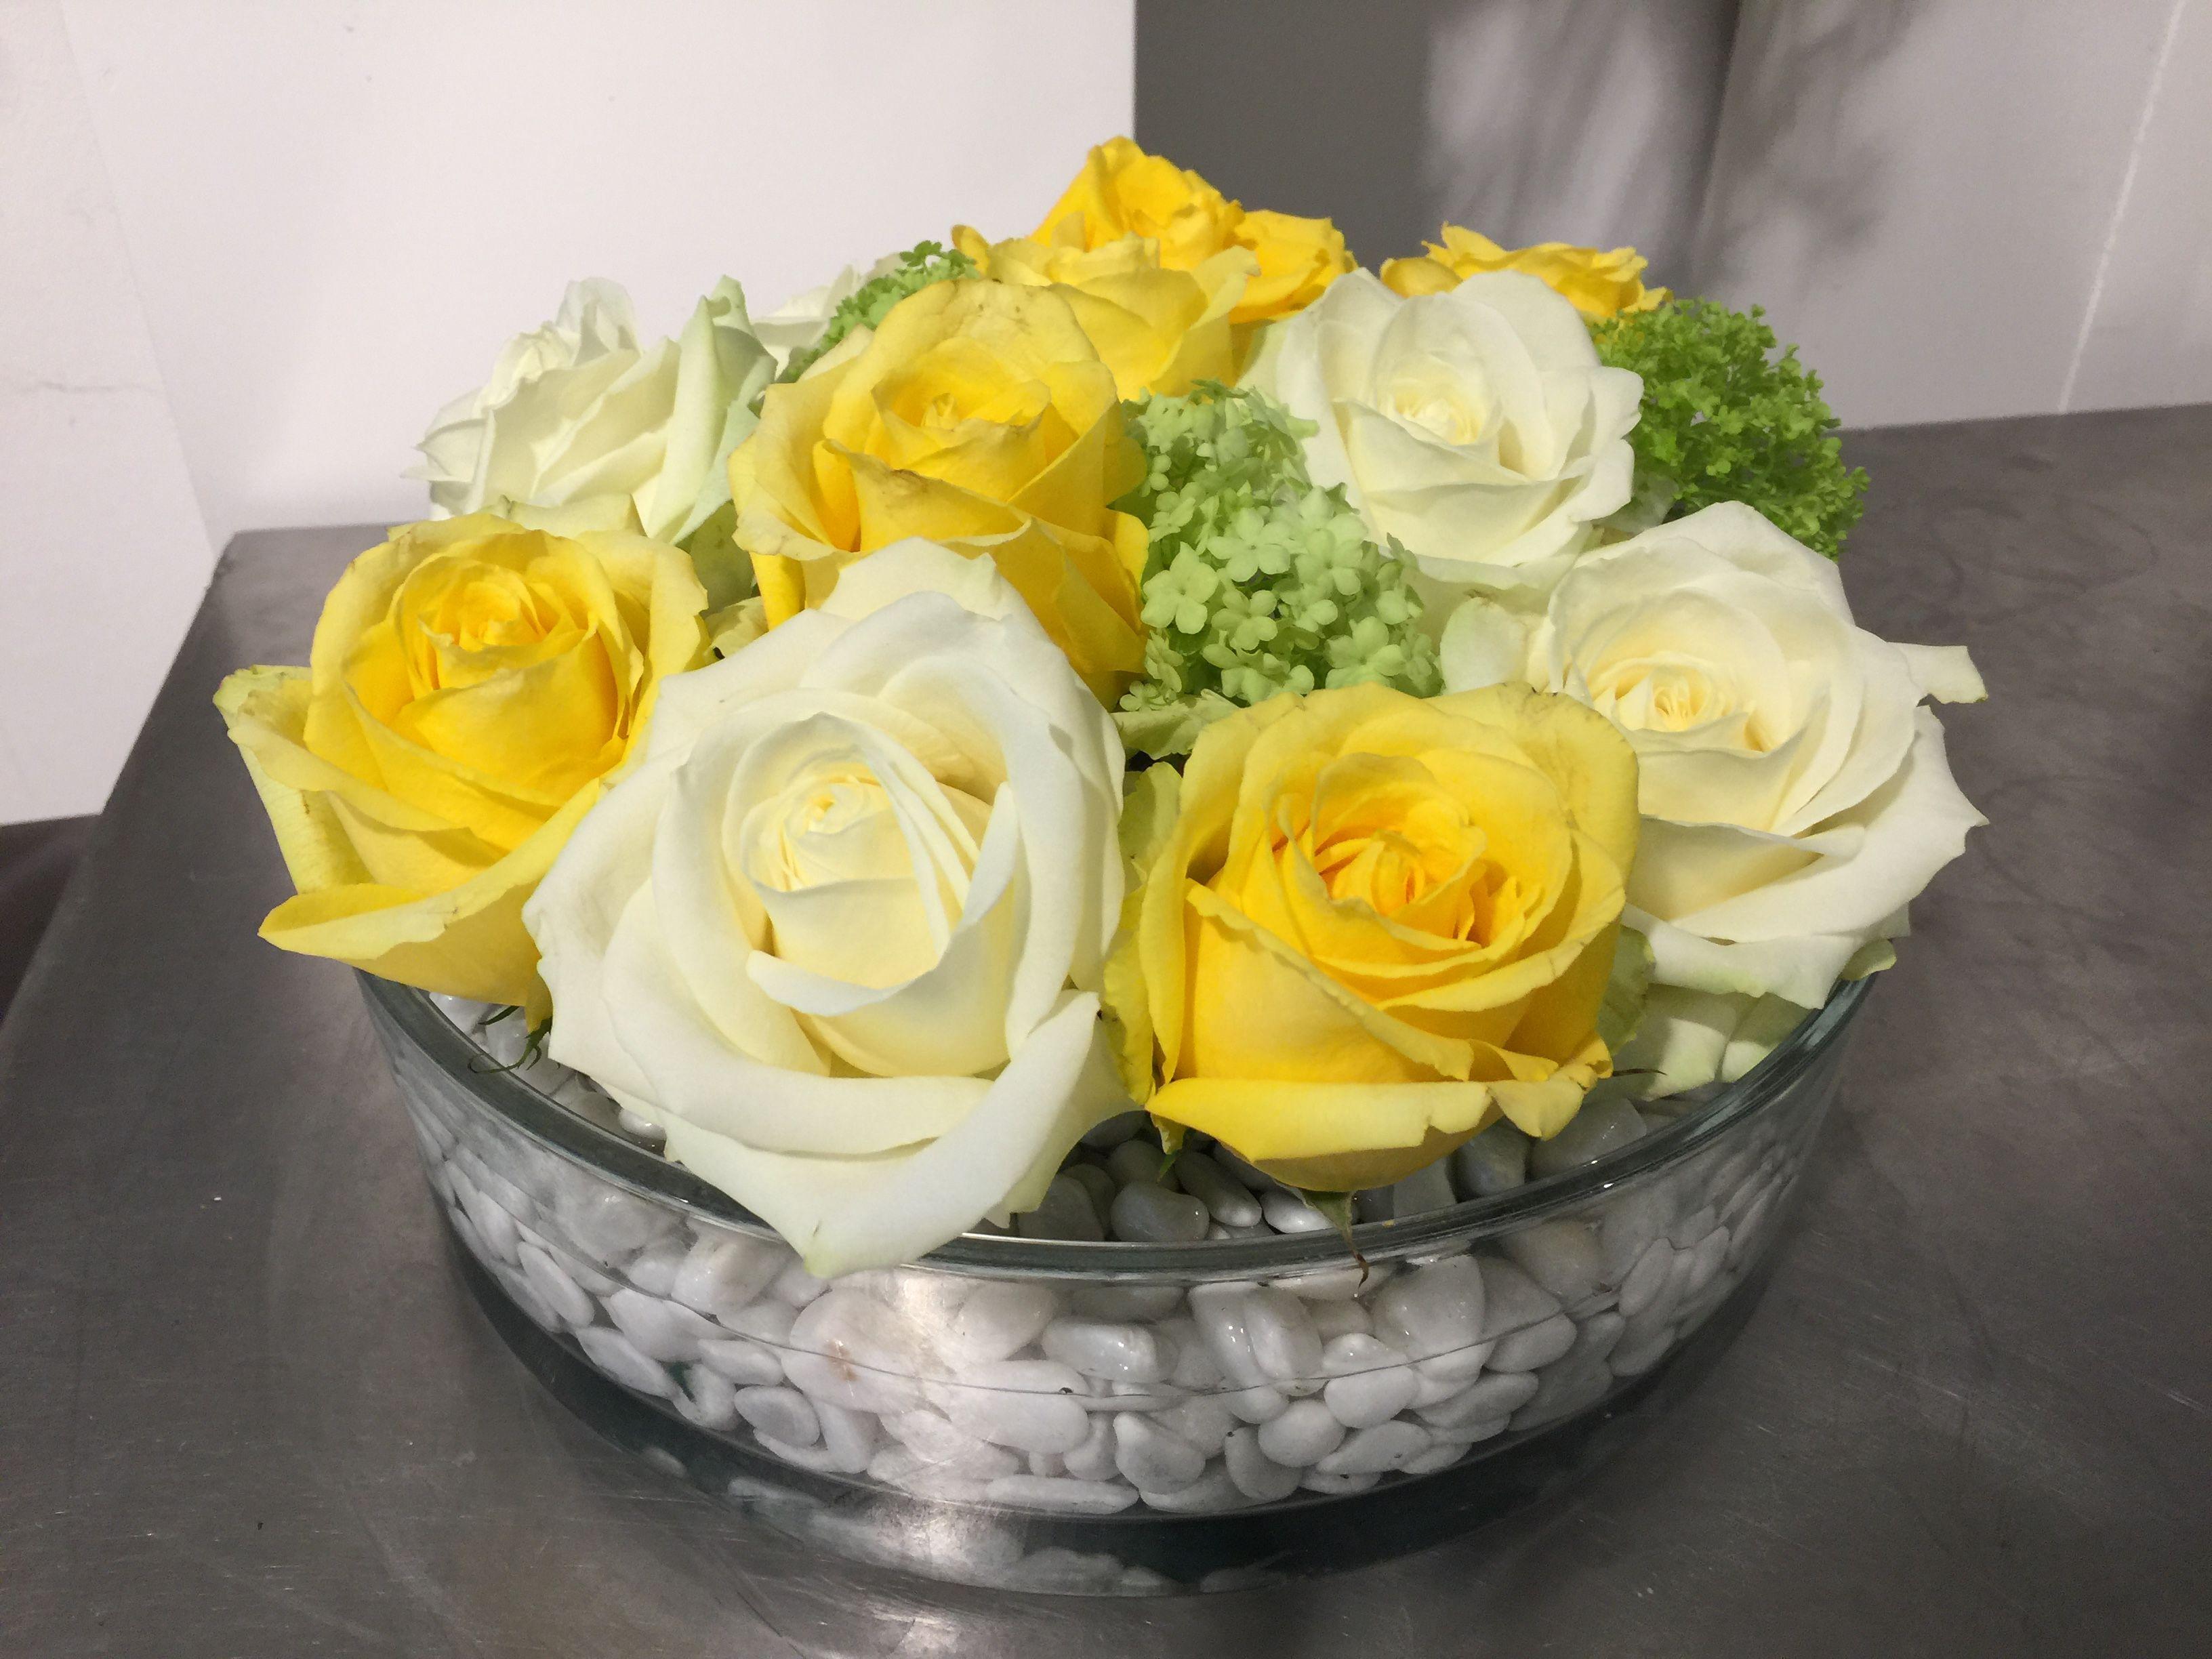 Blumendekoration mit gelben und weißen Rosen